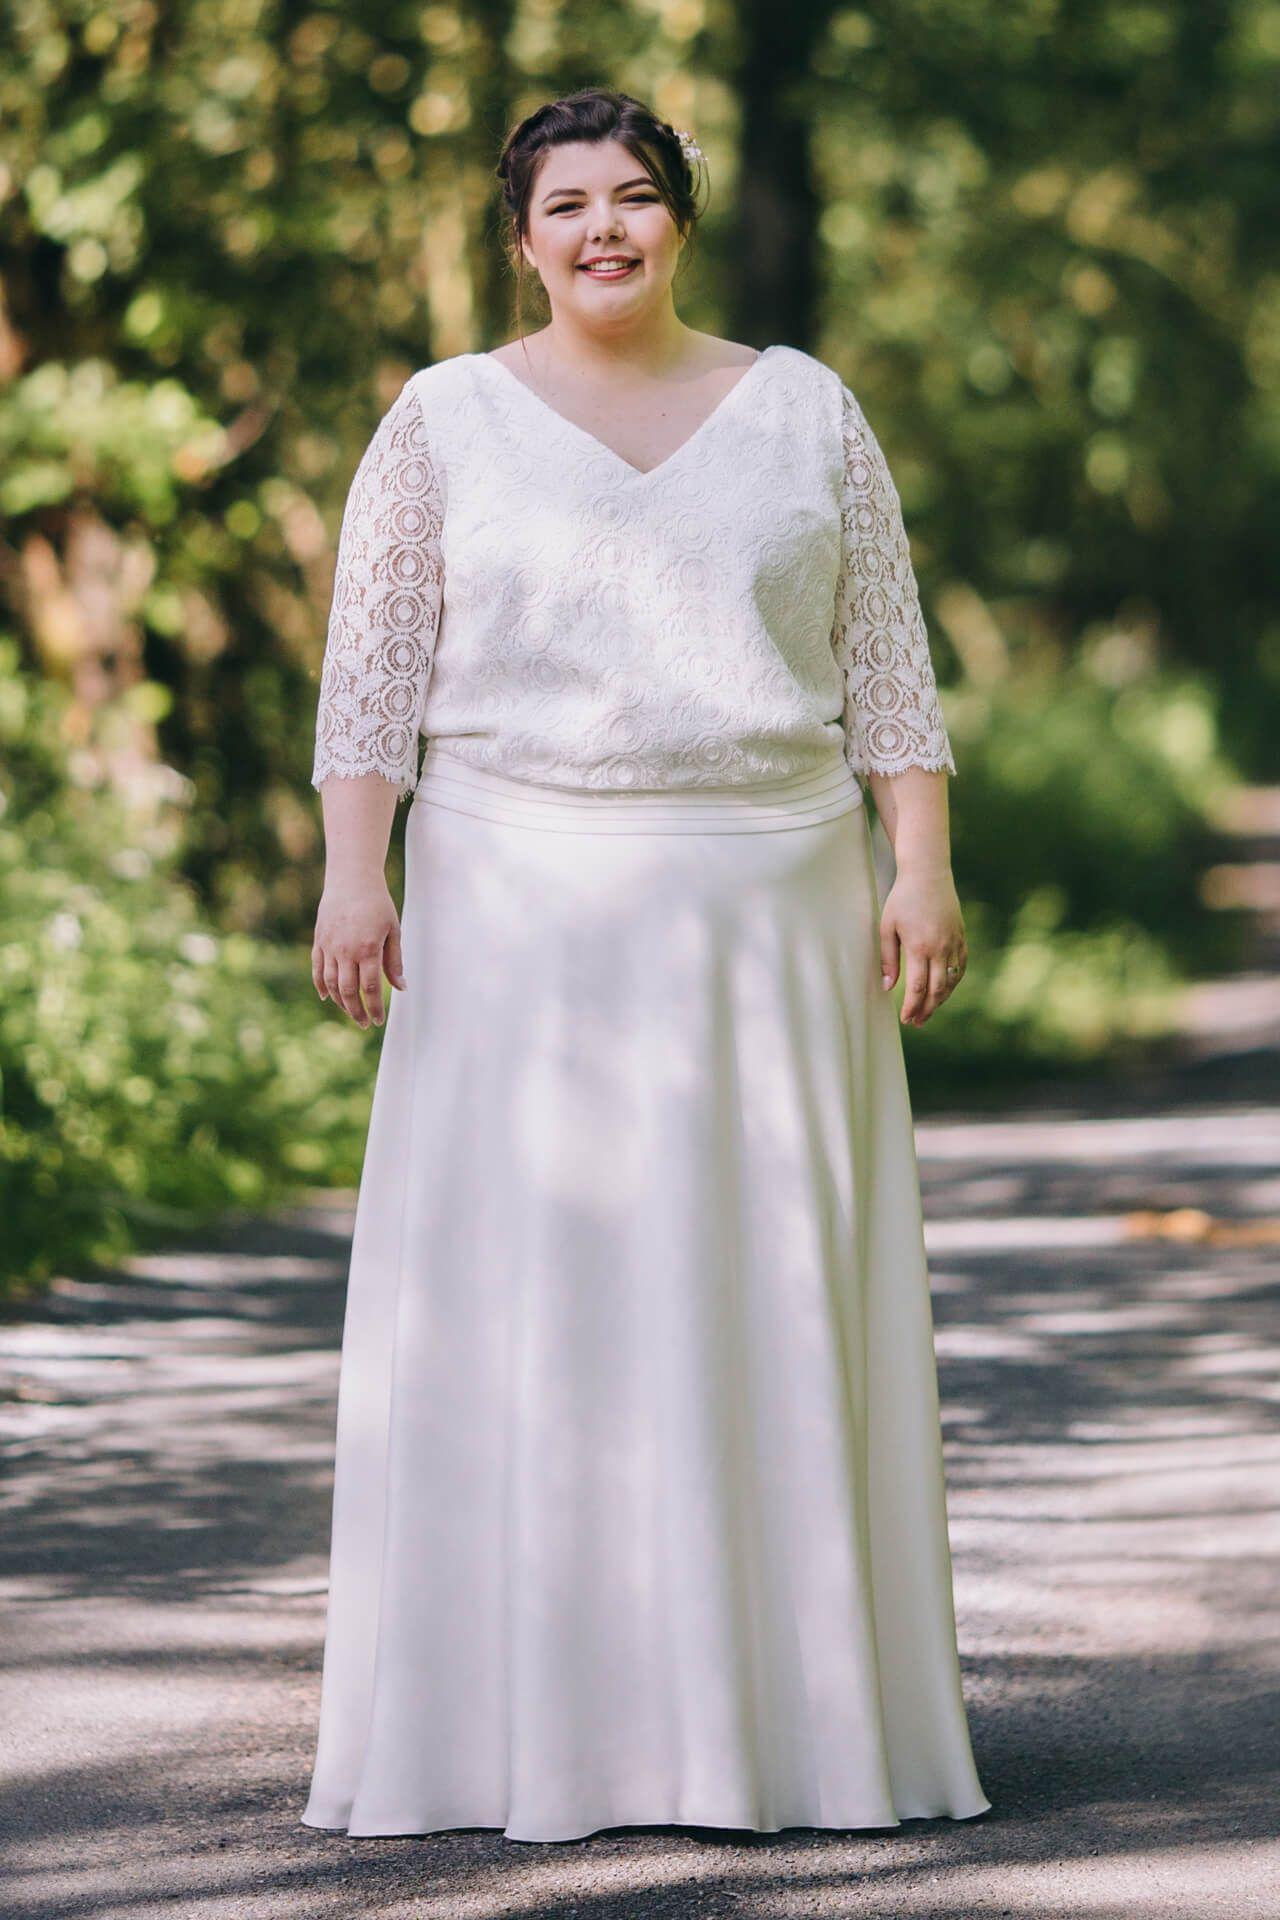 robe de mariée haut blousant en dnetelle géométrique grande taille créateur  lyon